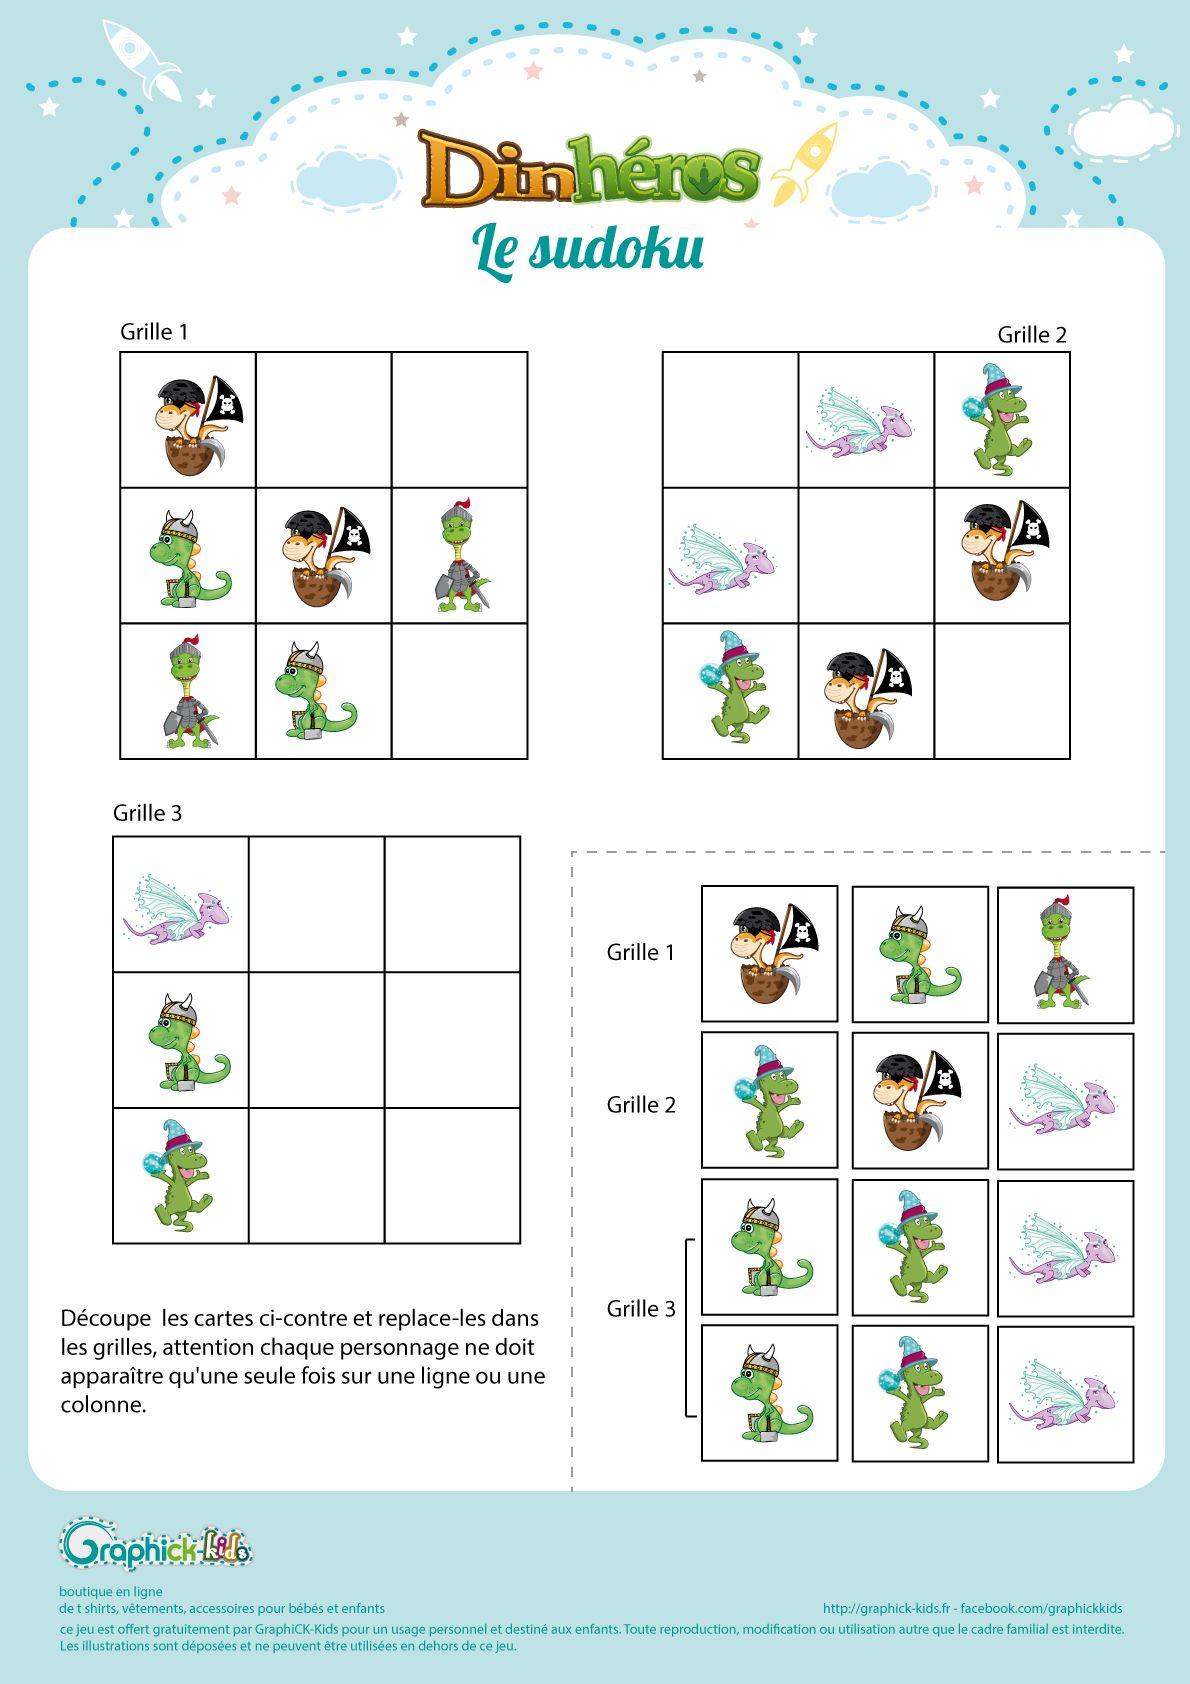 L'activité Du Mercredi : Le Sudoku Des Dinhéros tout Jeux En Ligne Enfant Gratuit